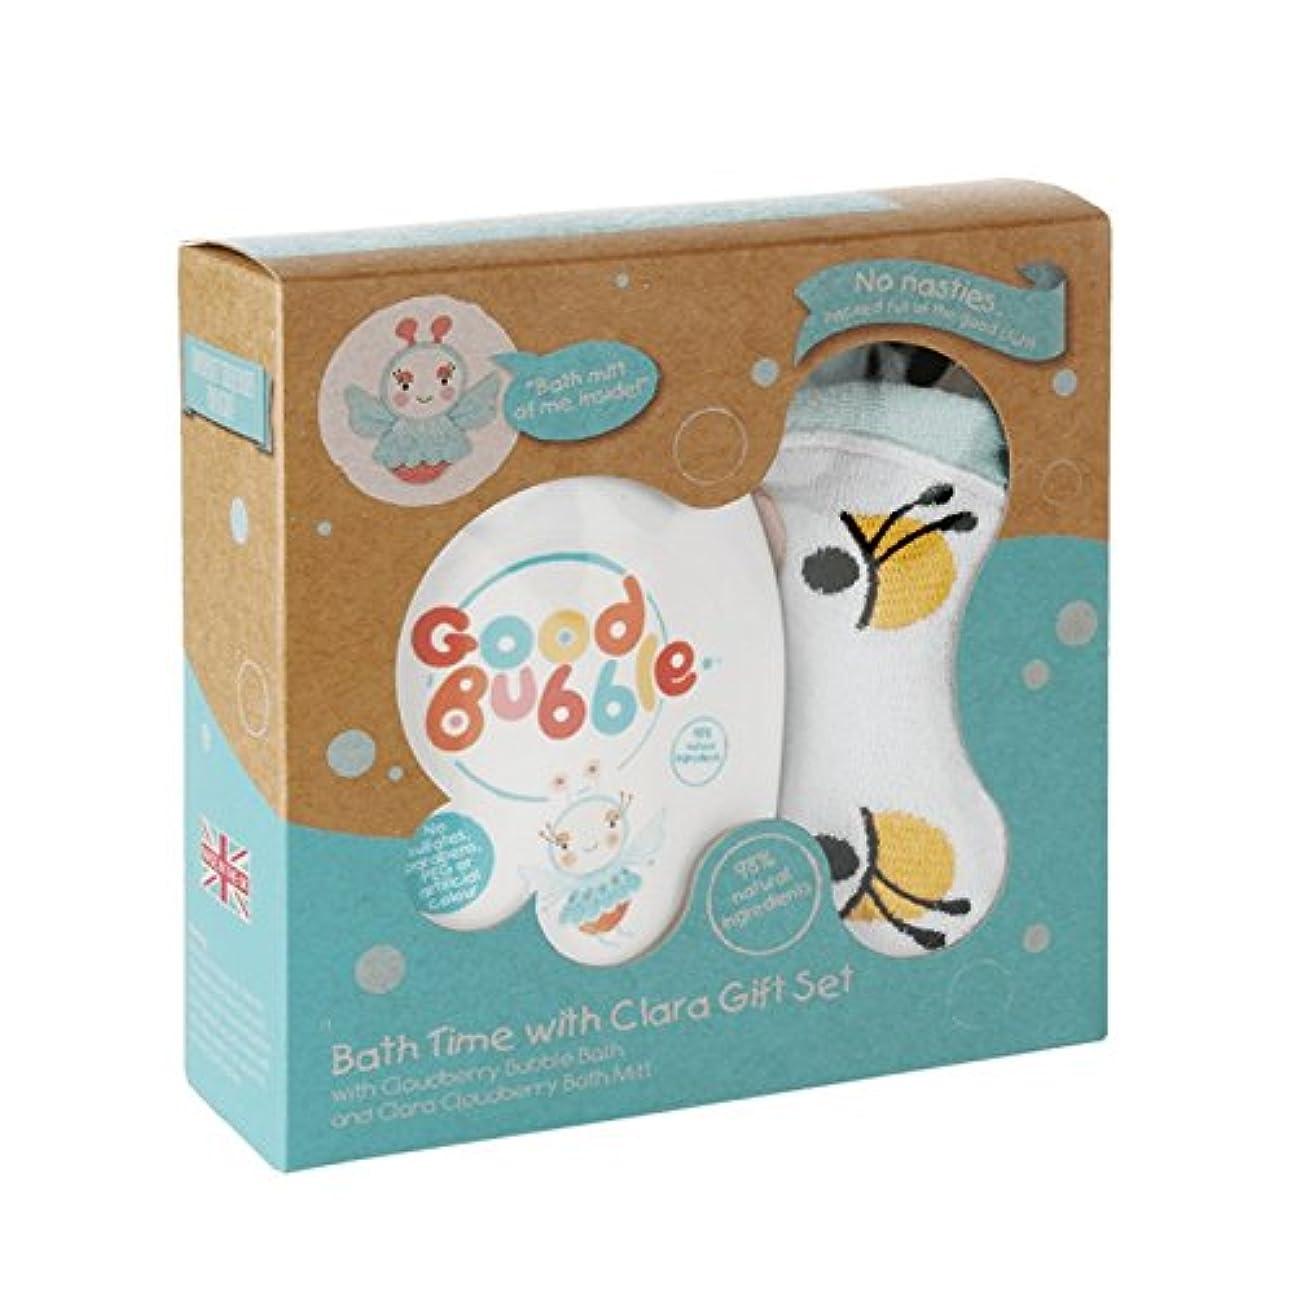 宿泊施設認識レインコート良いバブルクララクラウドベリーギフトセット550グラム - Good Bubble Clara Cloudberry Gift Set 550g (Good Bubble) [並行輸入品]